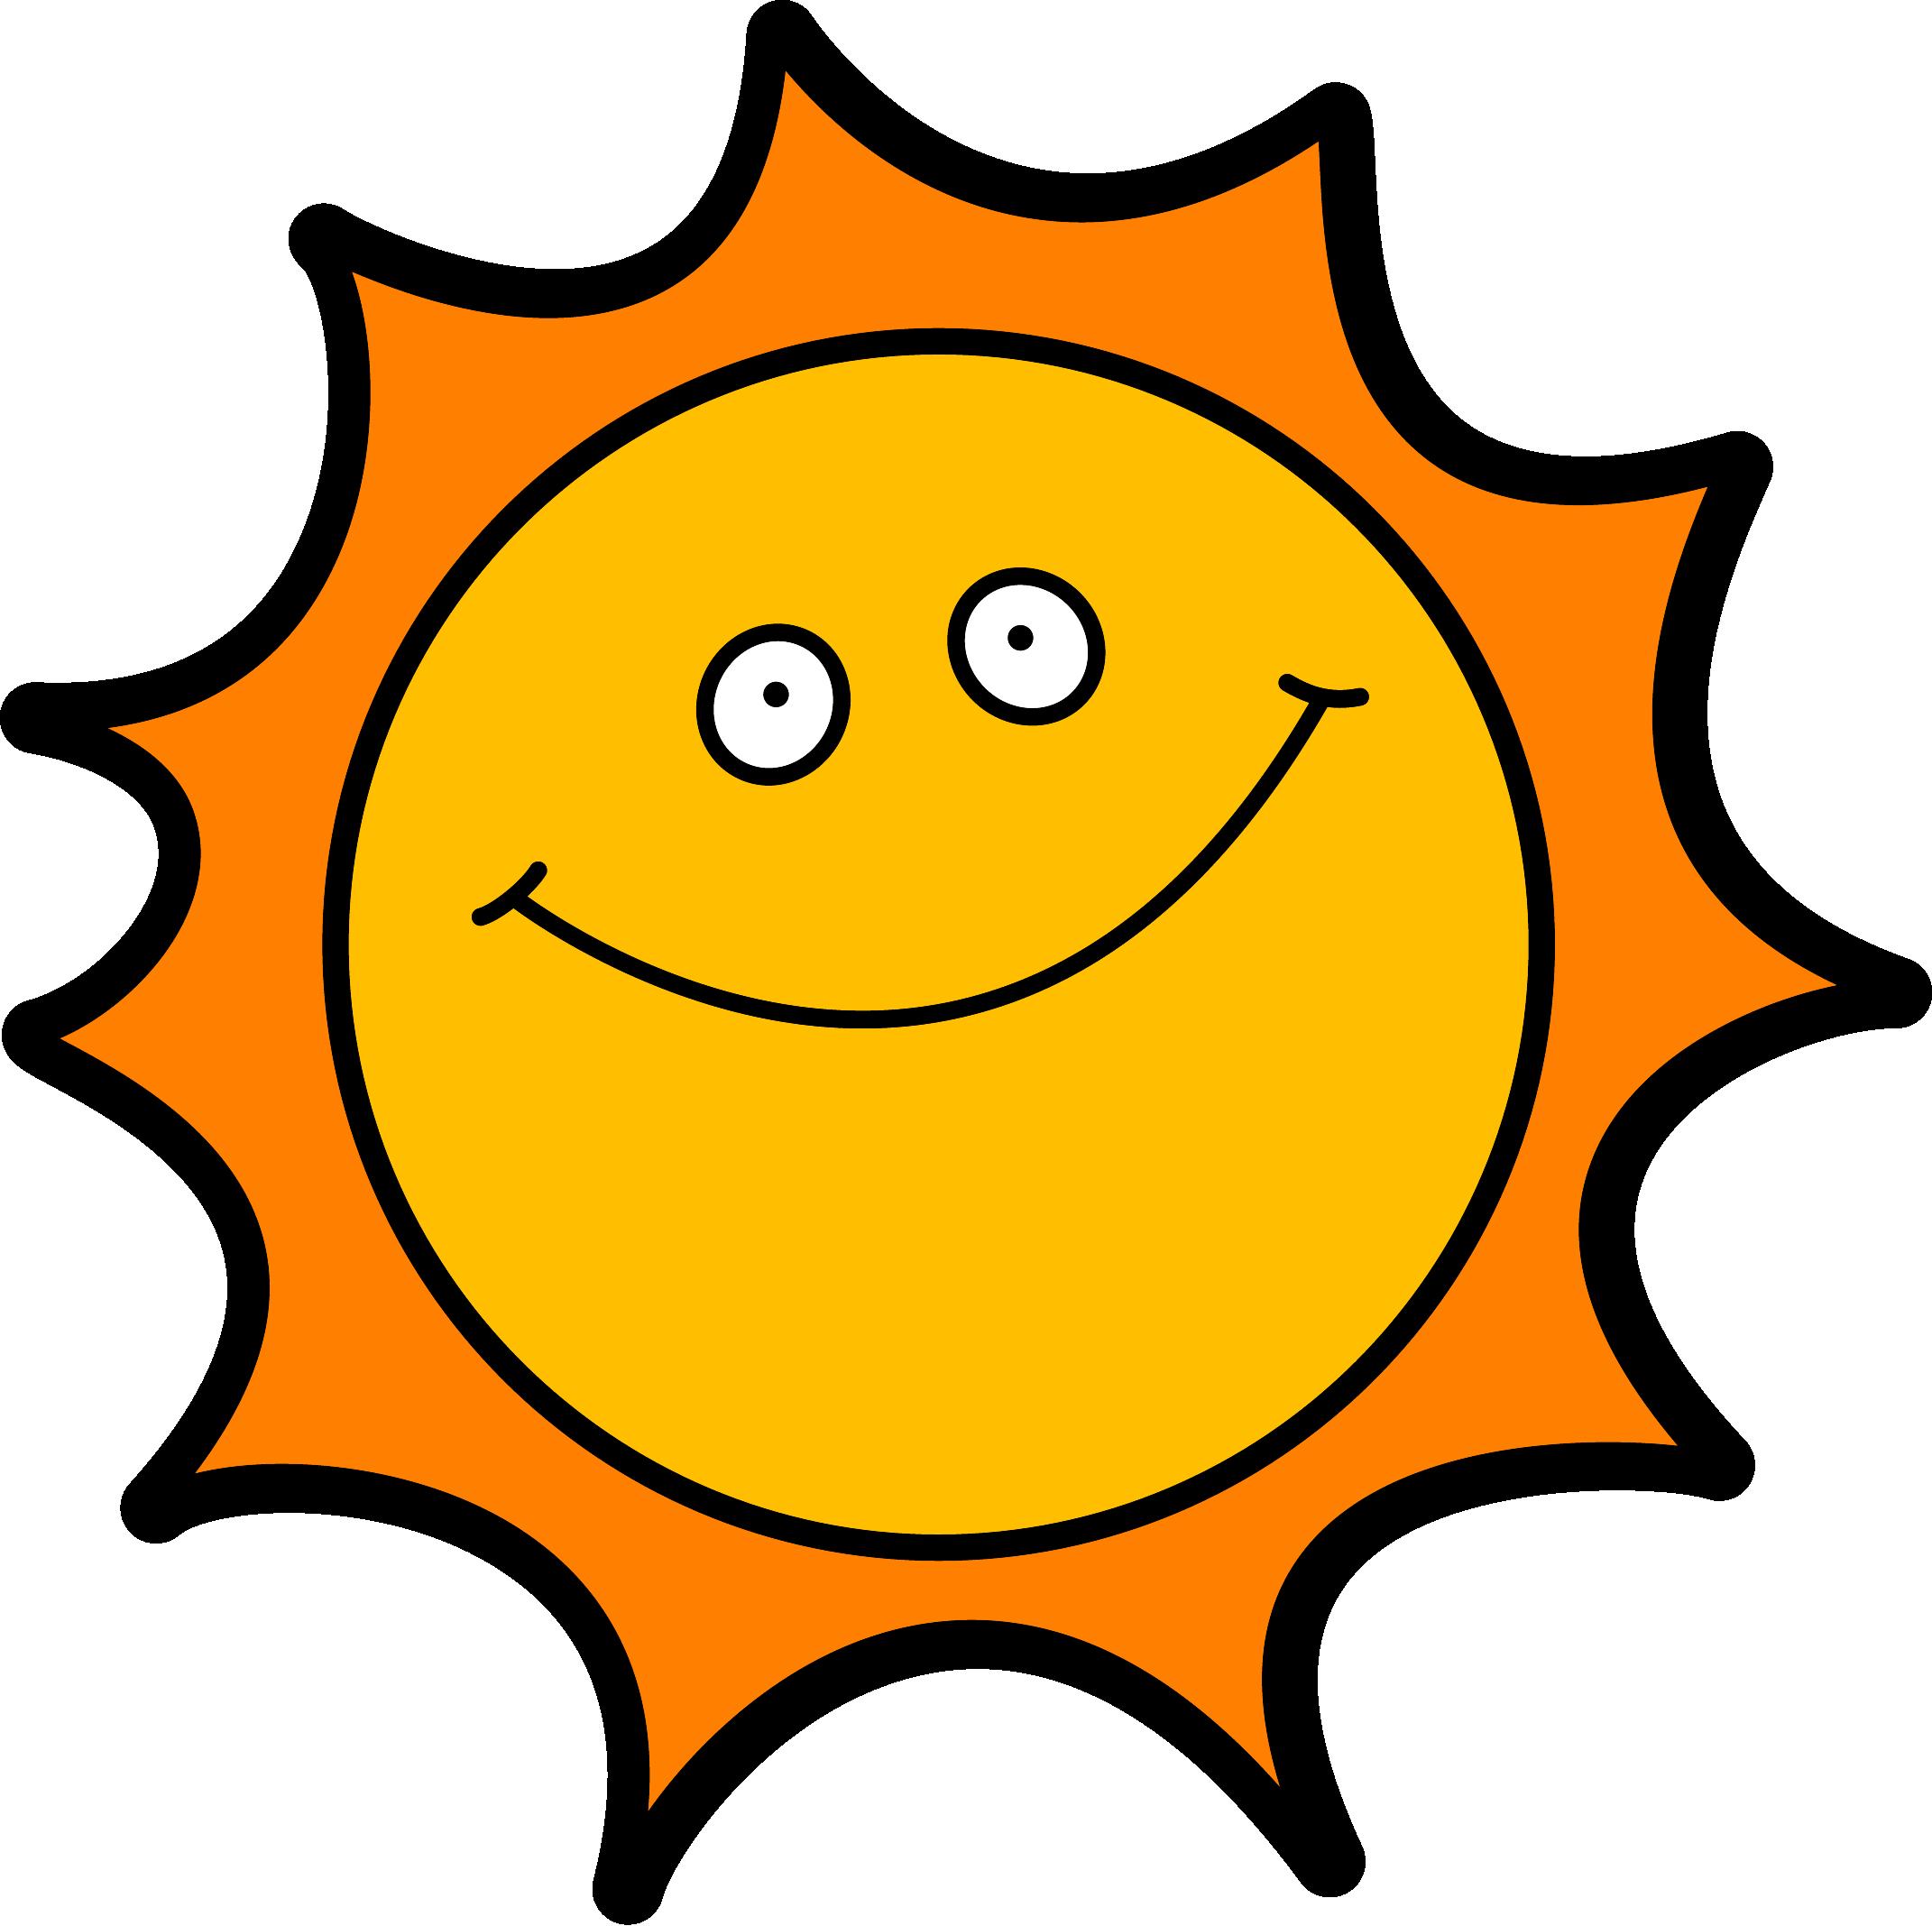 black and white download Public domain clipart. Sunshine free sun clip.